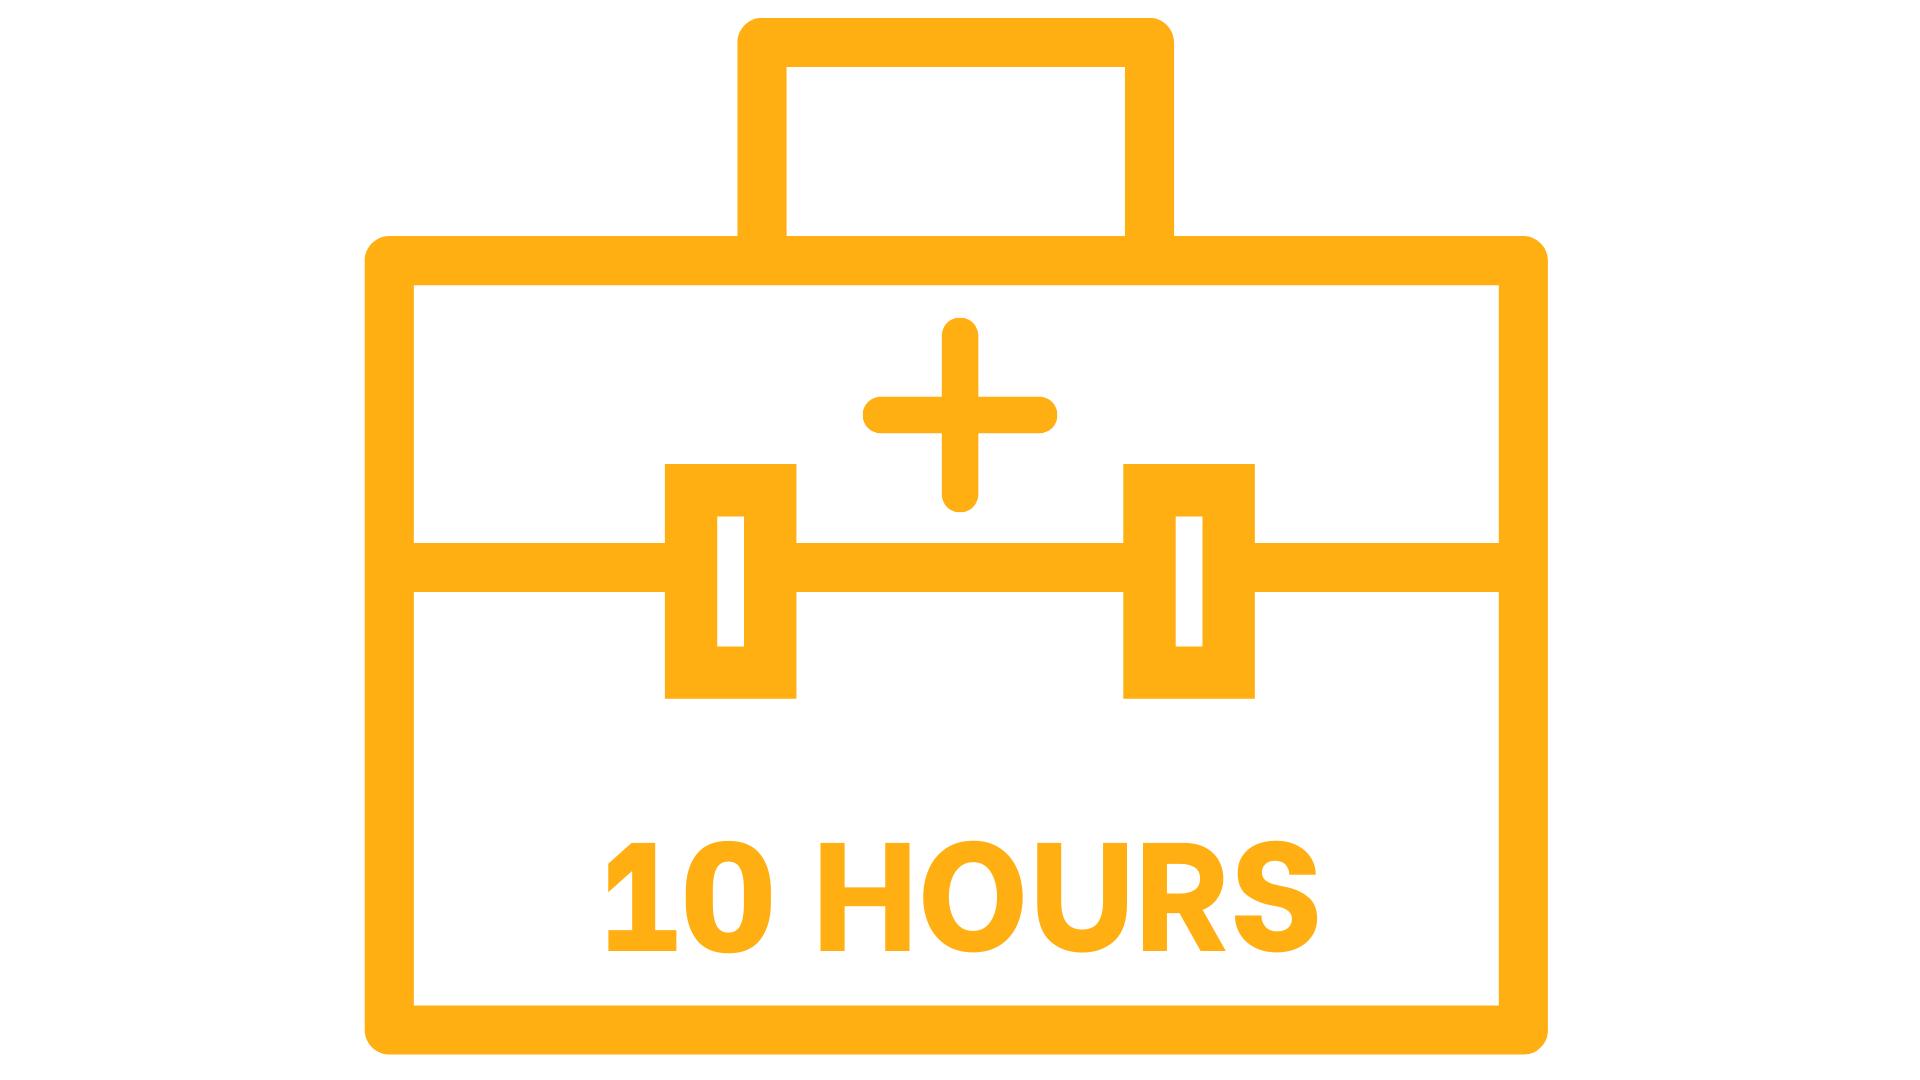 Bucket of 10 Hours